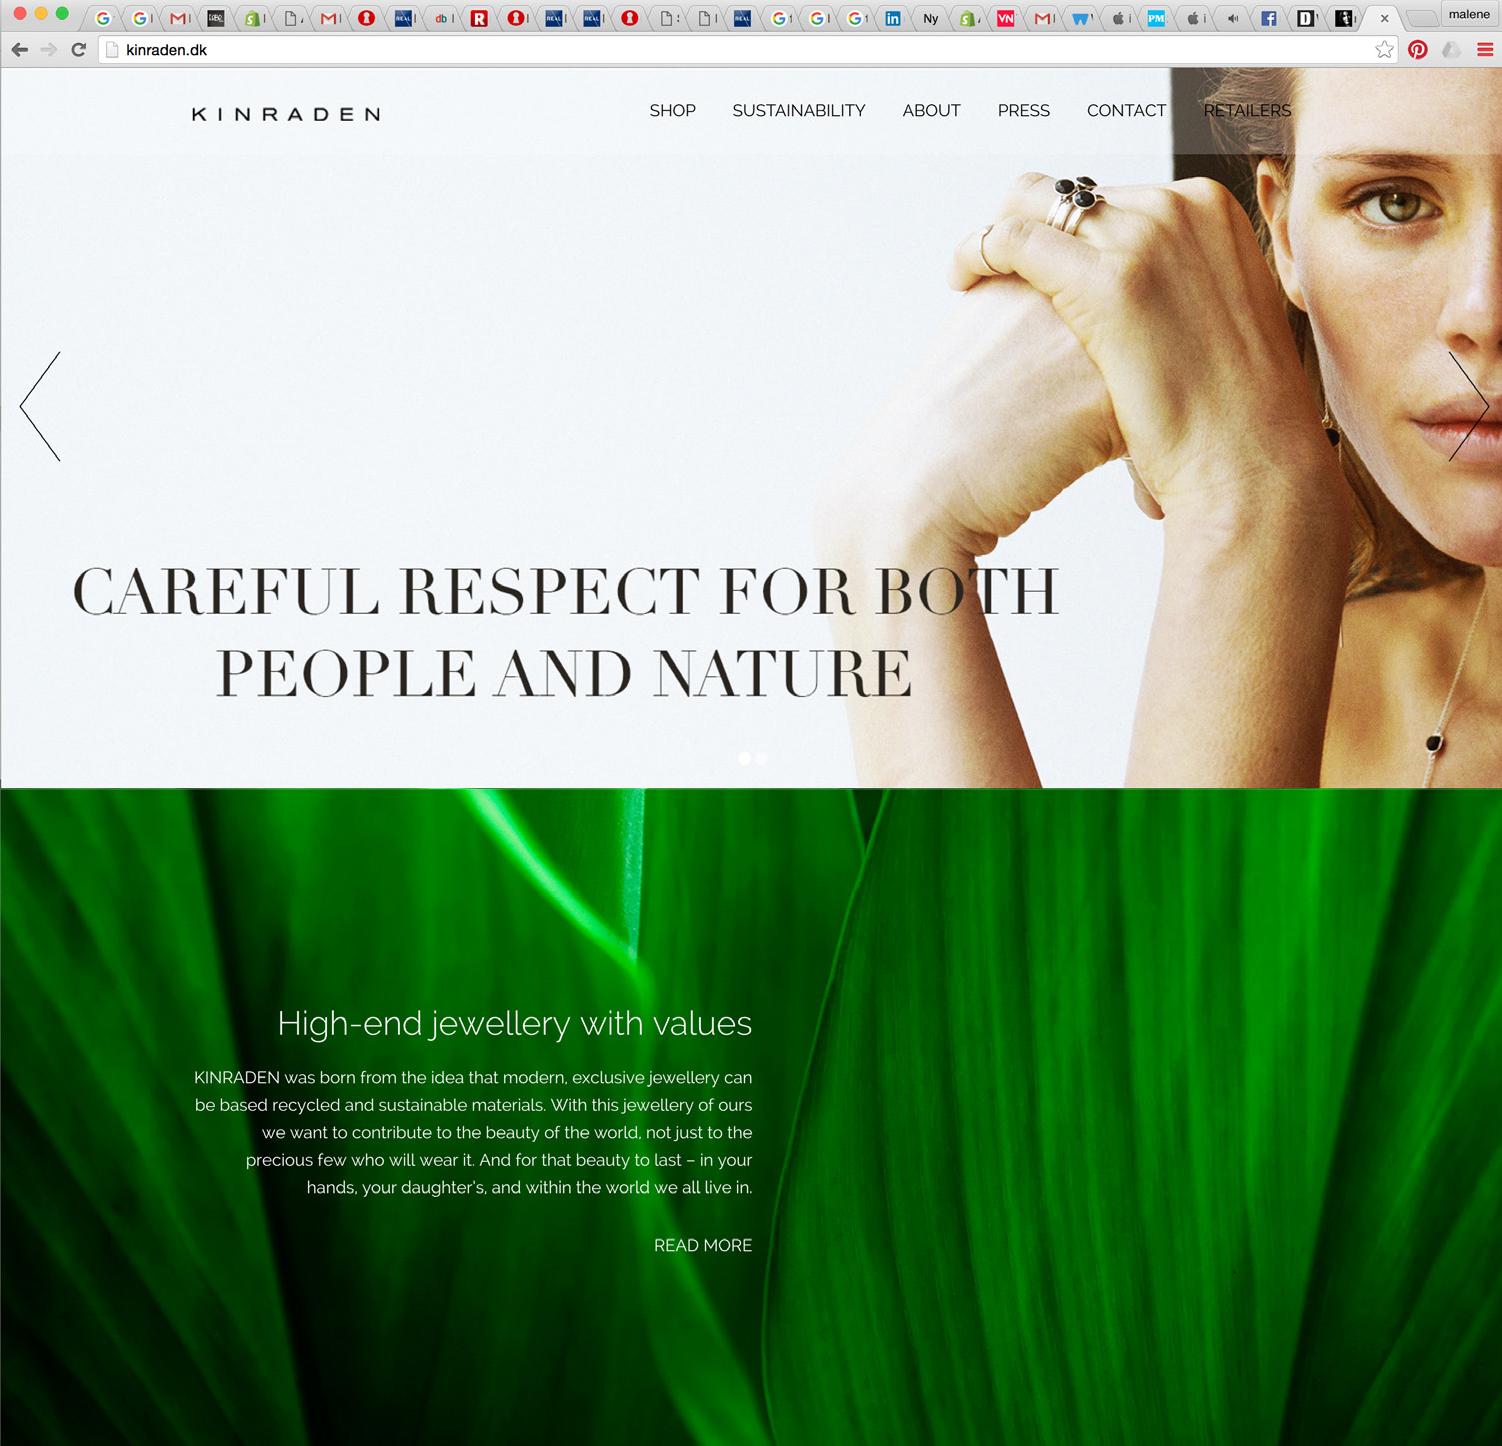 Malene Kyed web design